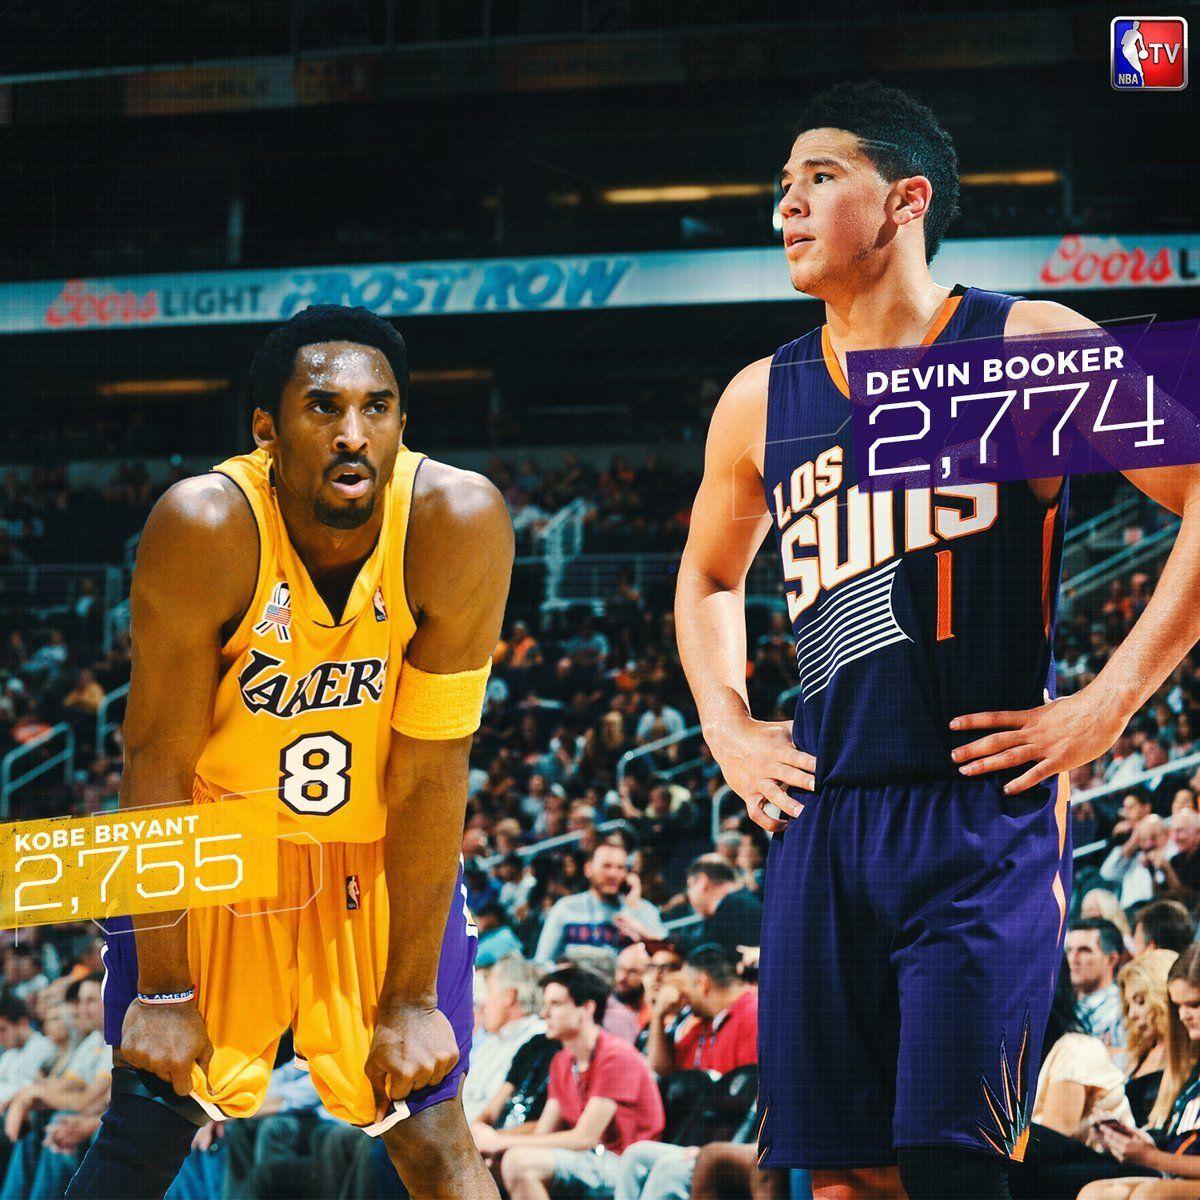 NBA  El  killer adolescente  Devin Booker ya es mejor que Kobe Bryant  a6988ee7a